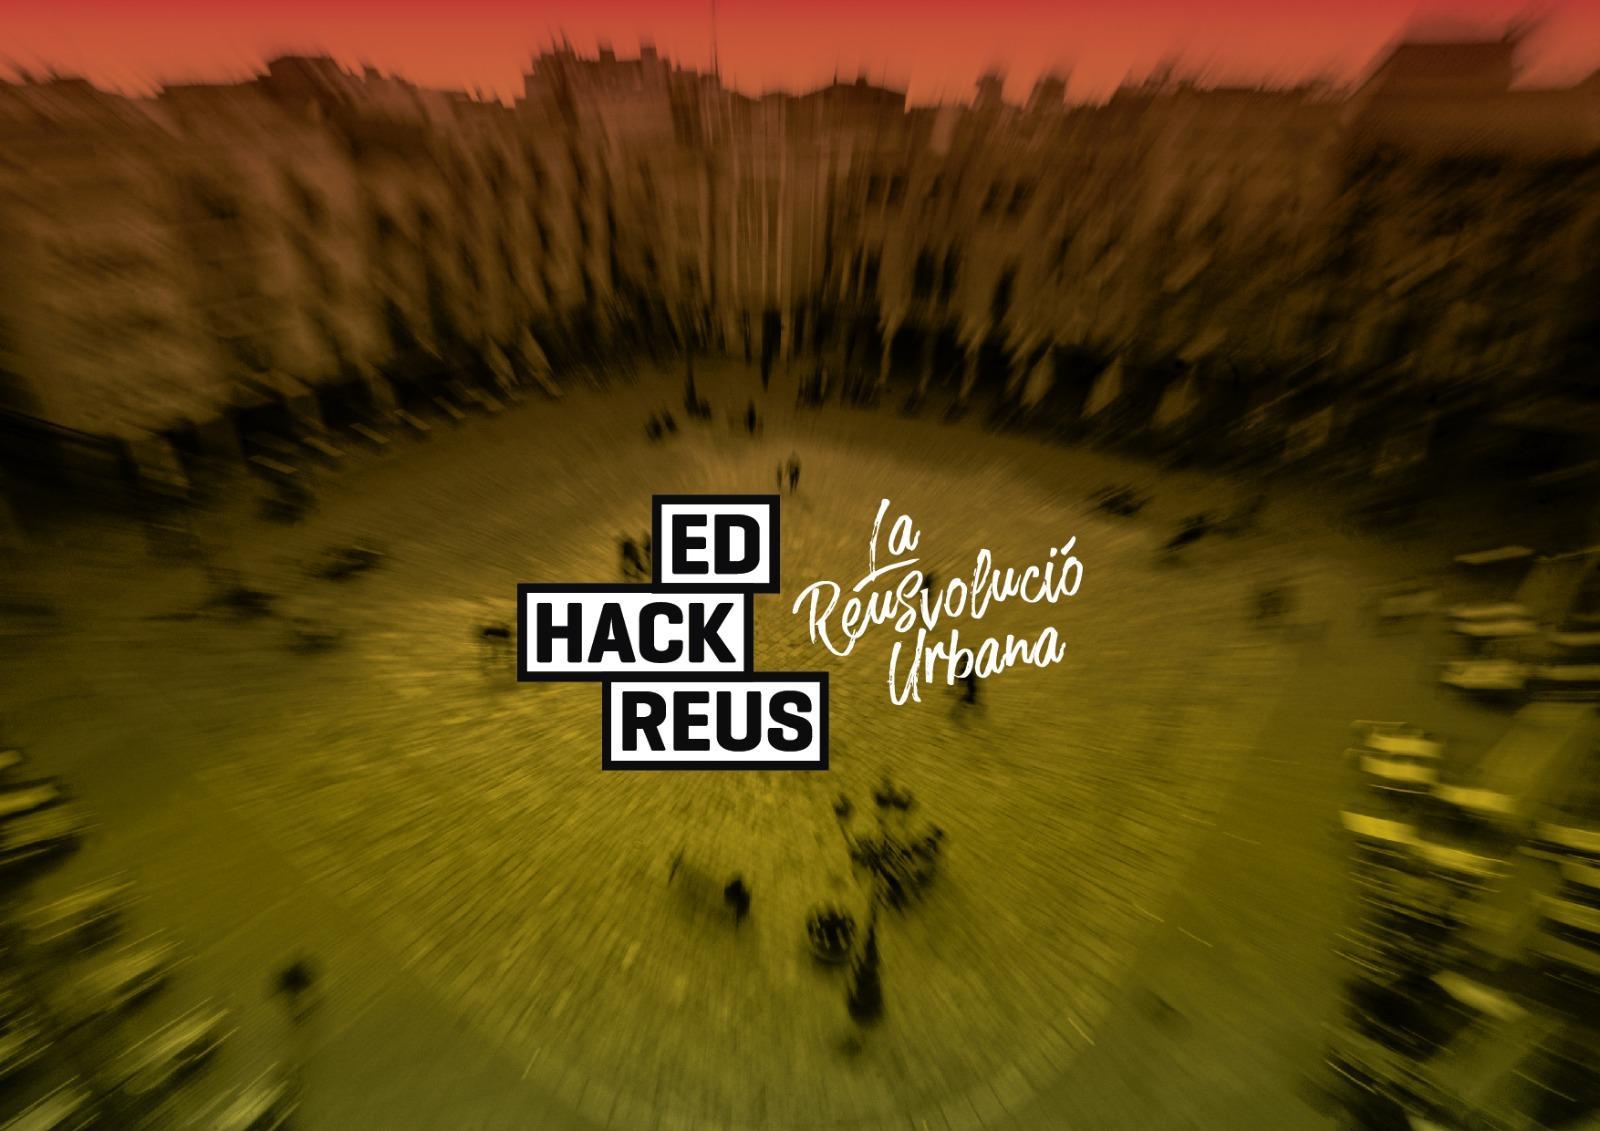 EDhack REUS